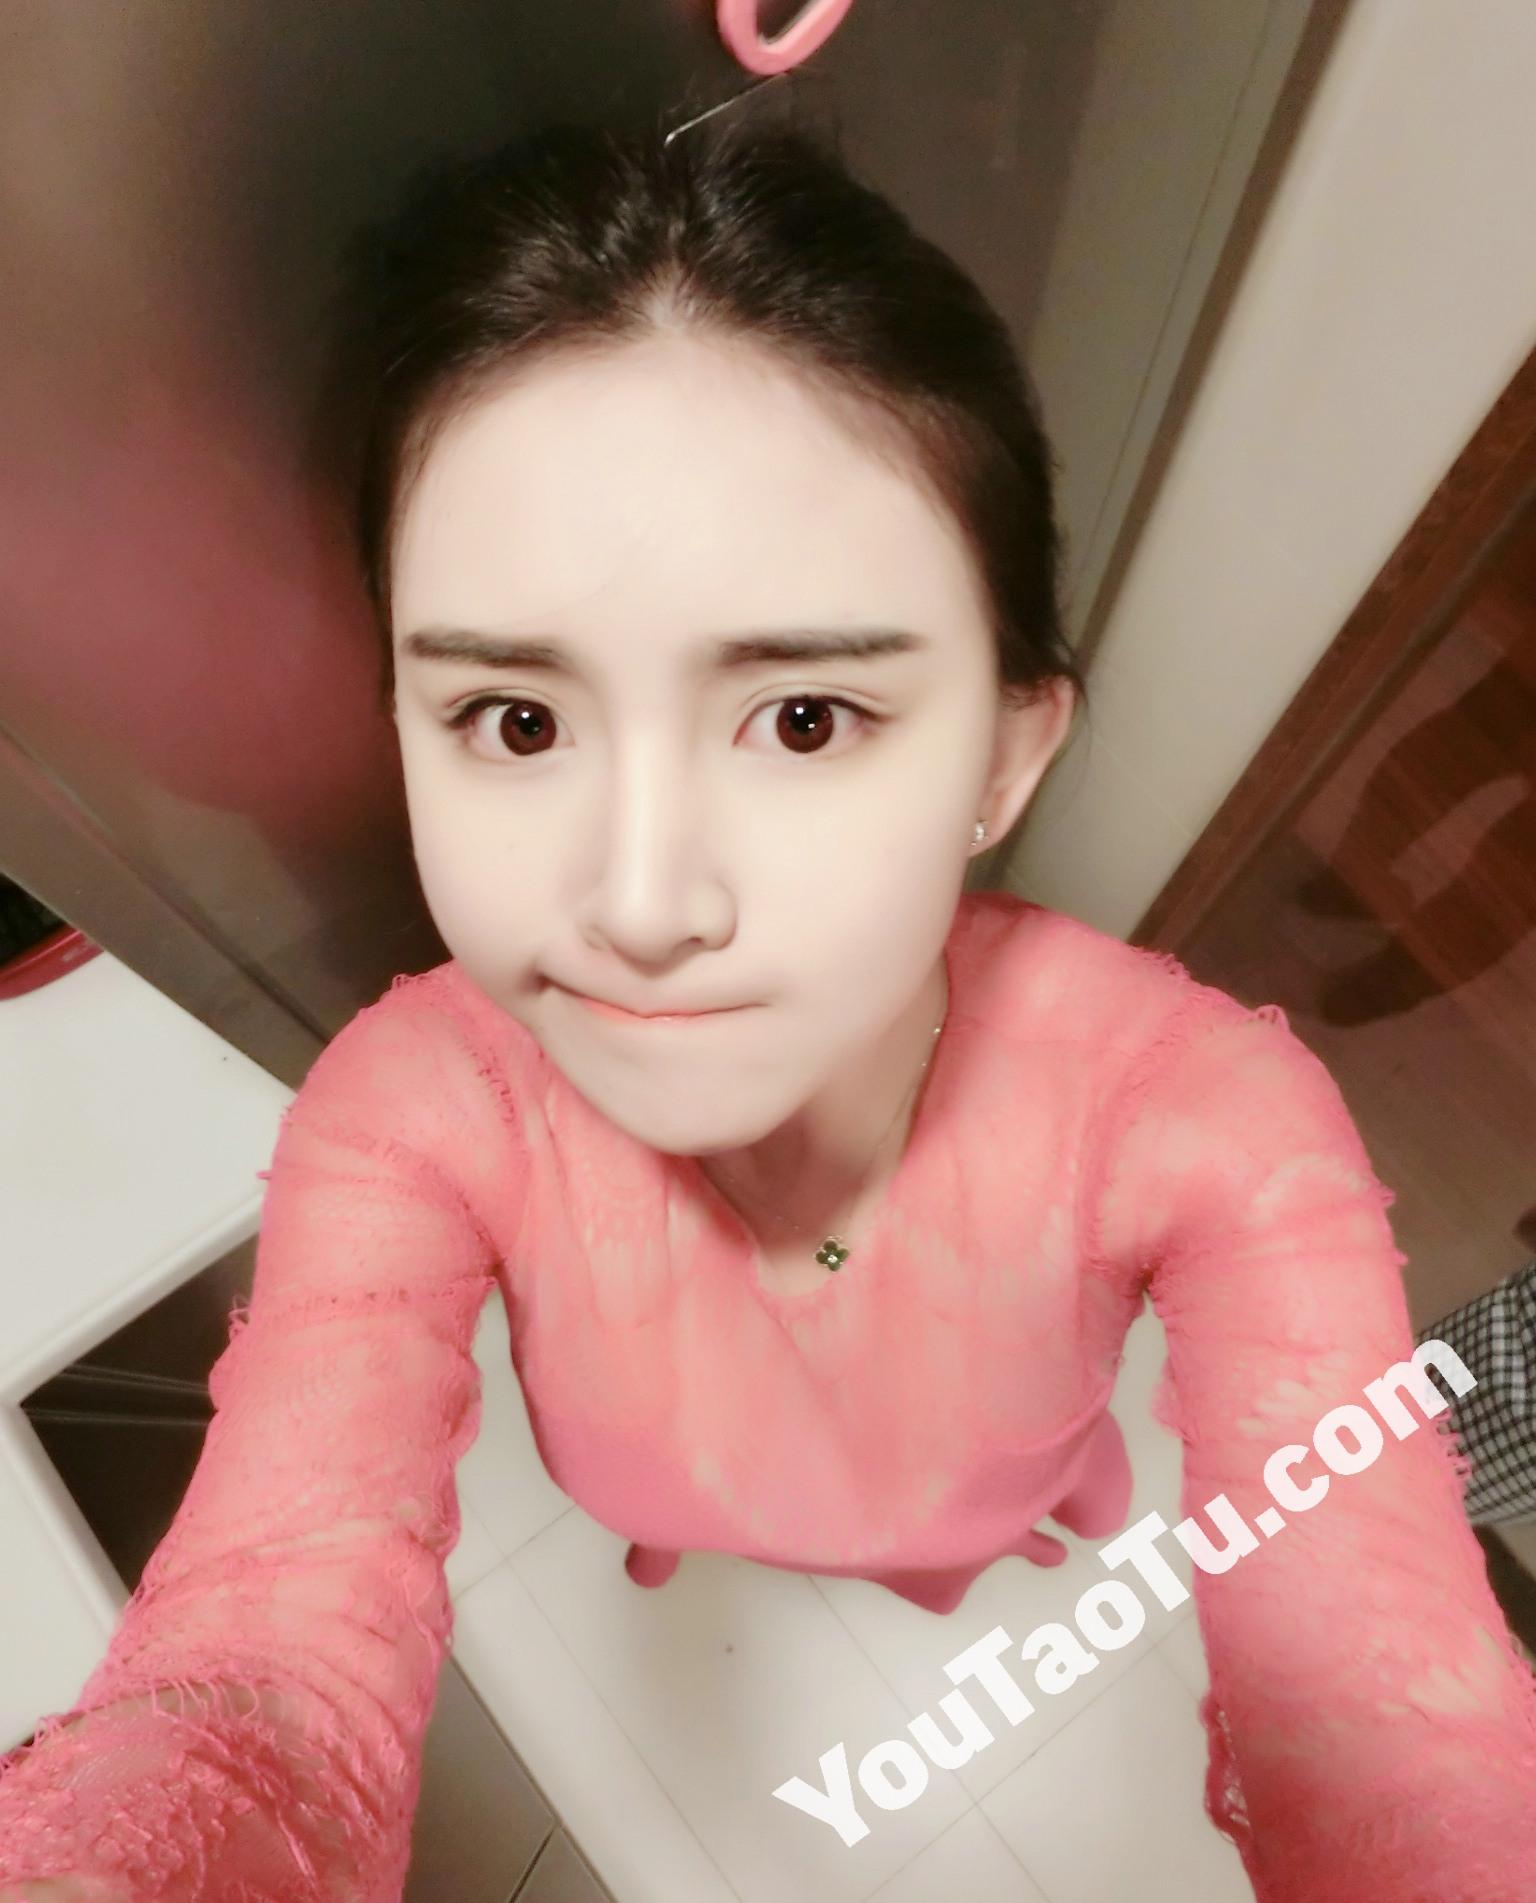 ZZ01_2298图 时尚美女网恋照片生活照套图-9